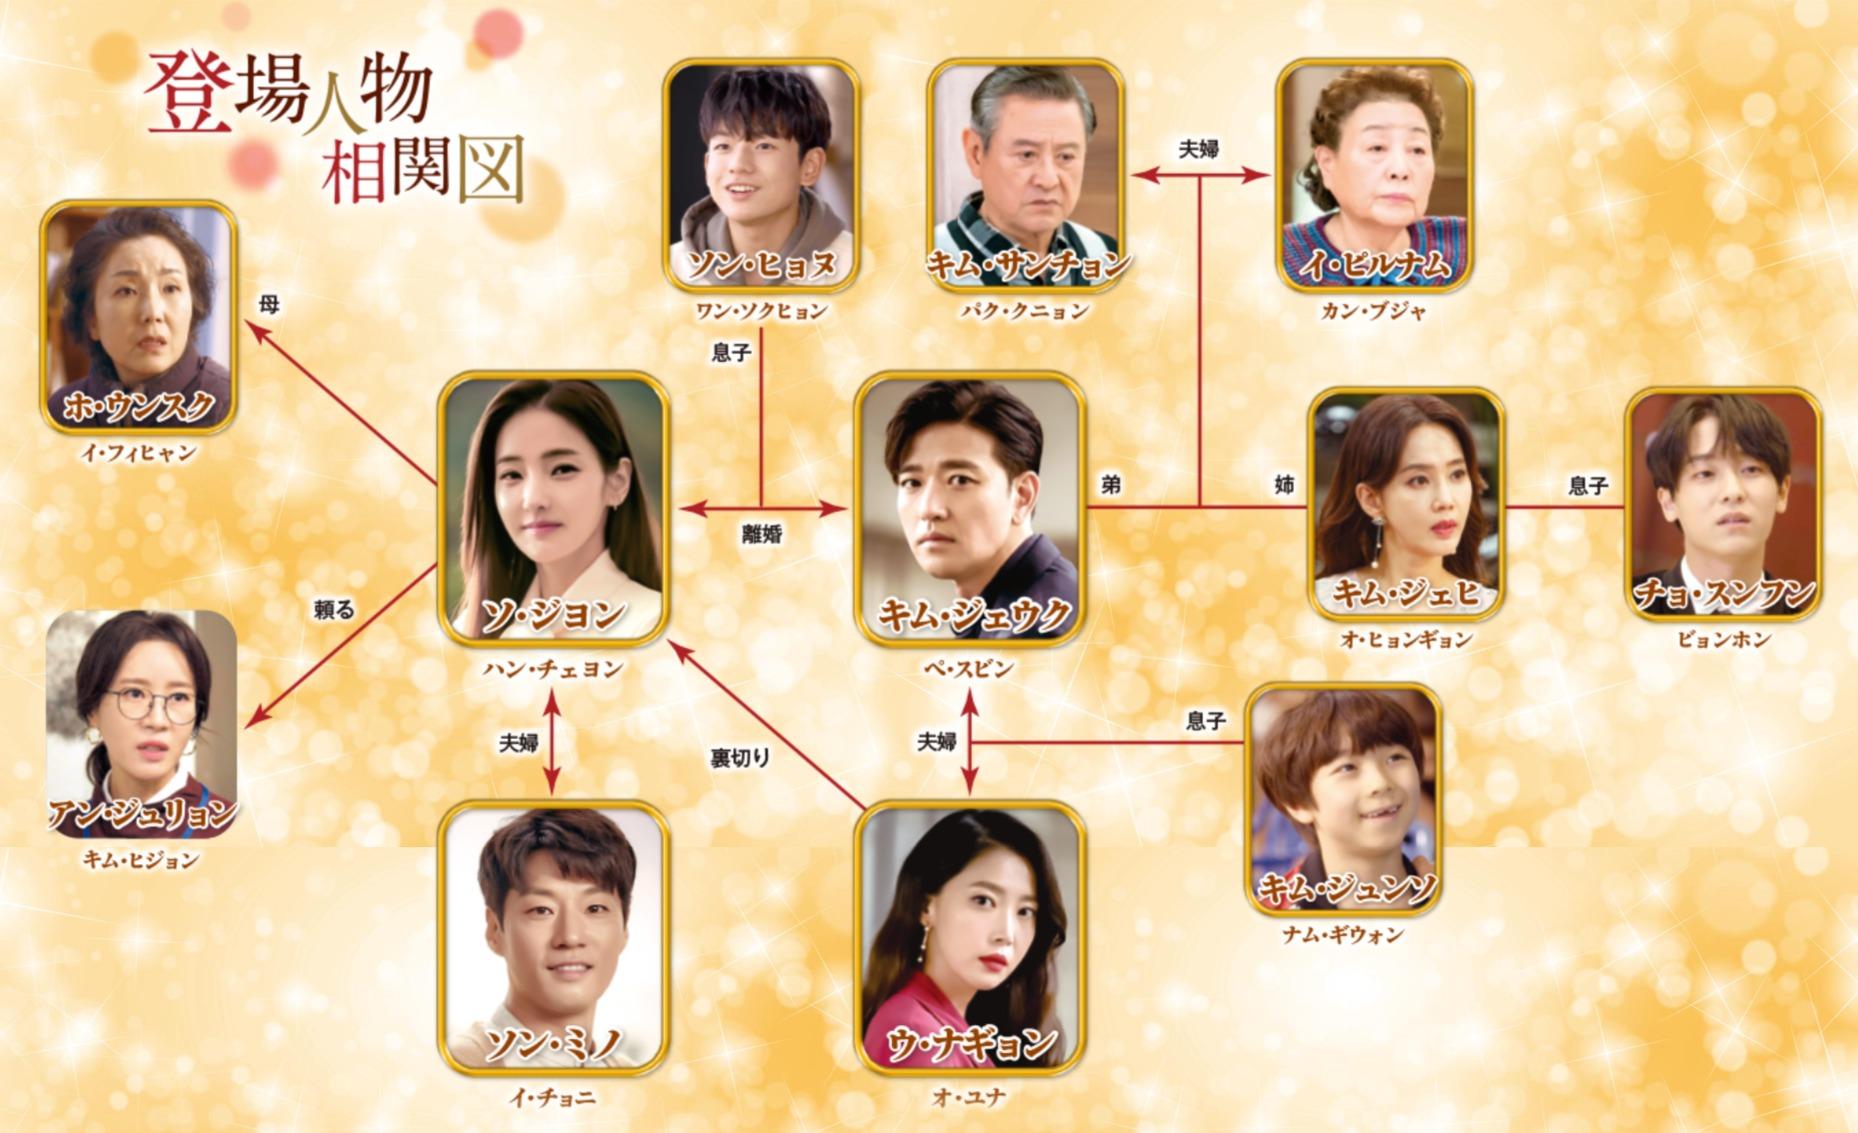 韓国ドラマ『神との約束』登場人物相関図(関係図)